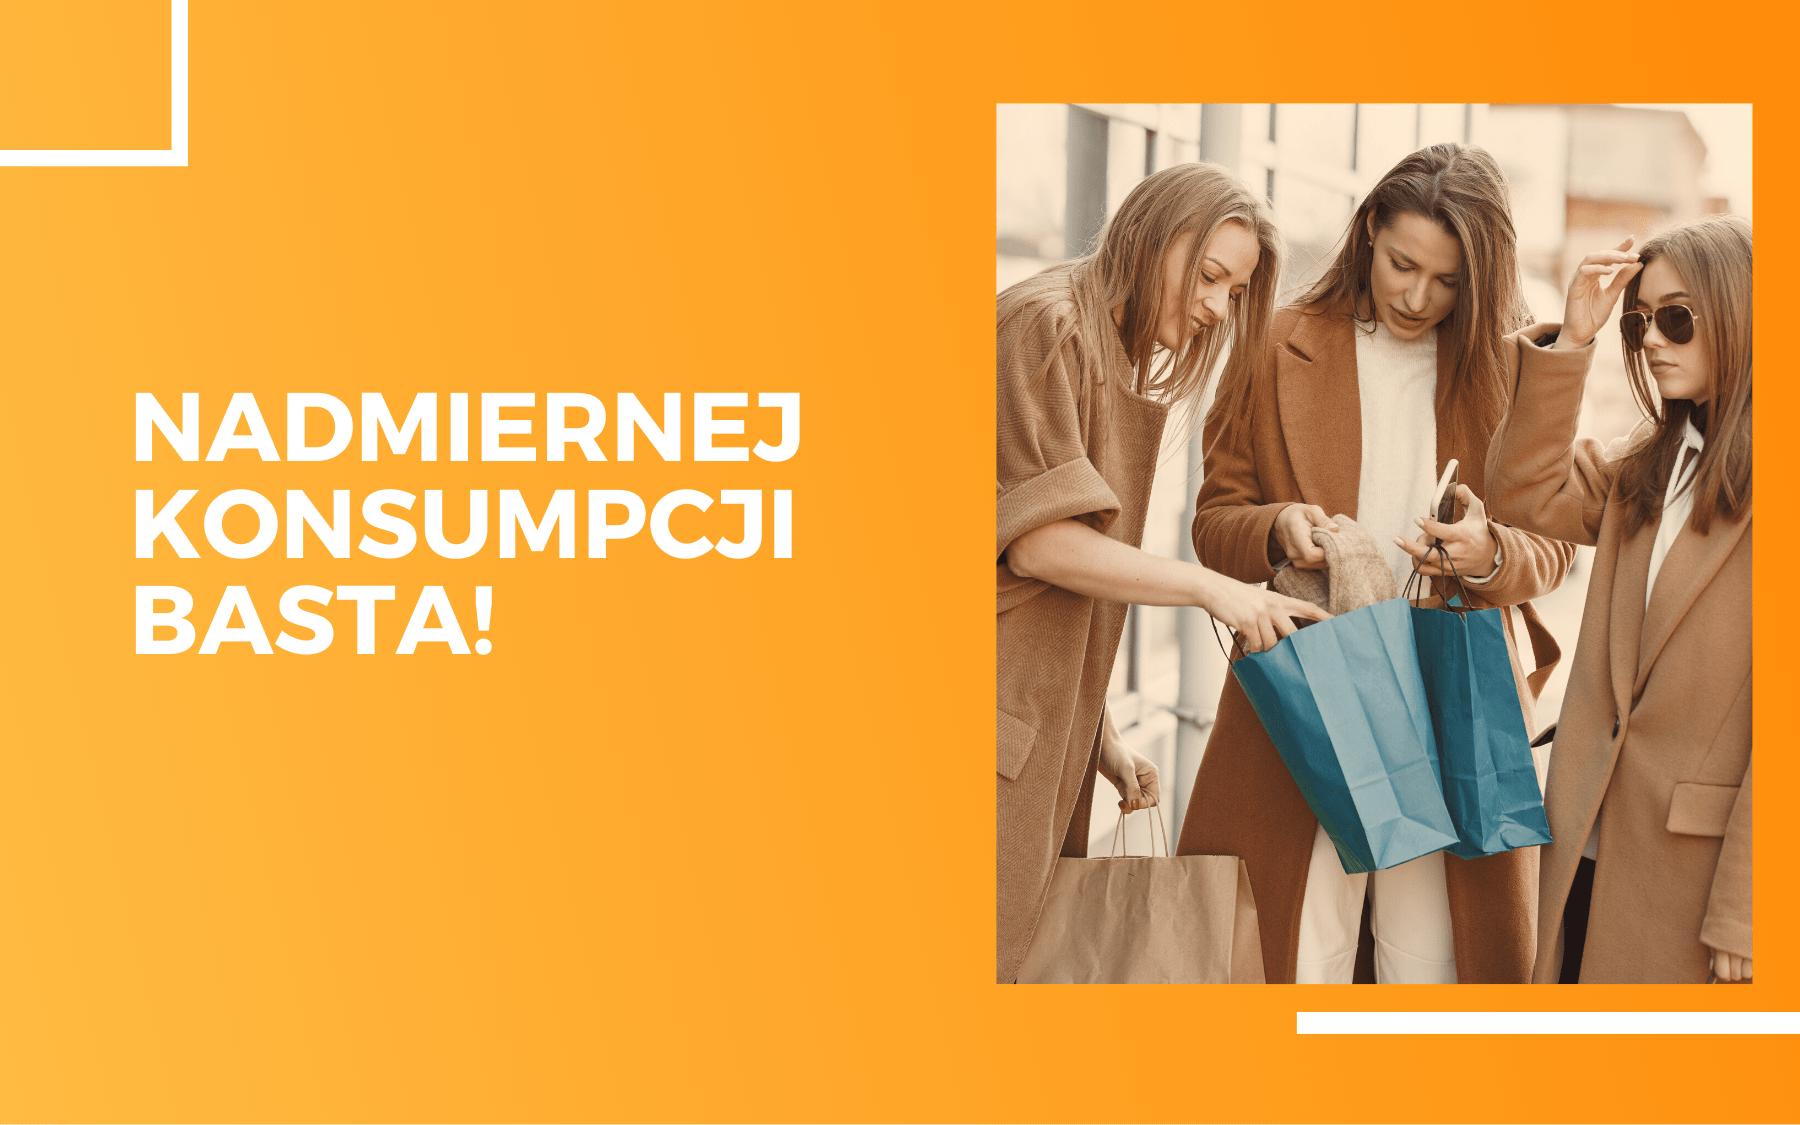 Trzy kobiety w beżowych płaszczach porównujące swoje zakupy. Na pomarańczowym tle tekst - nadmiernej konsumpcji basta!